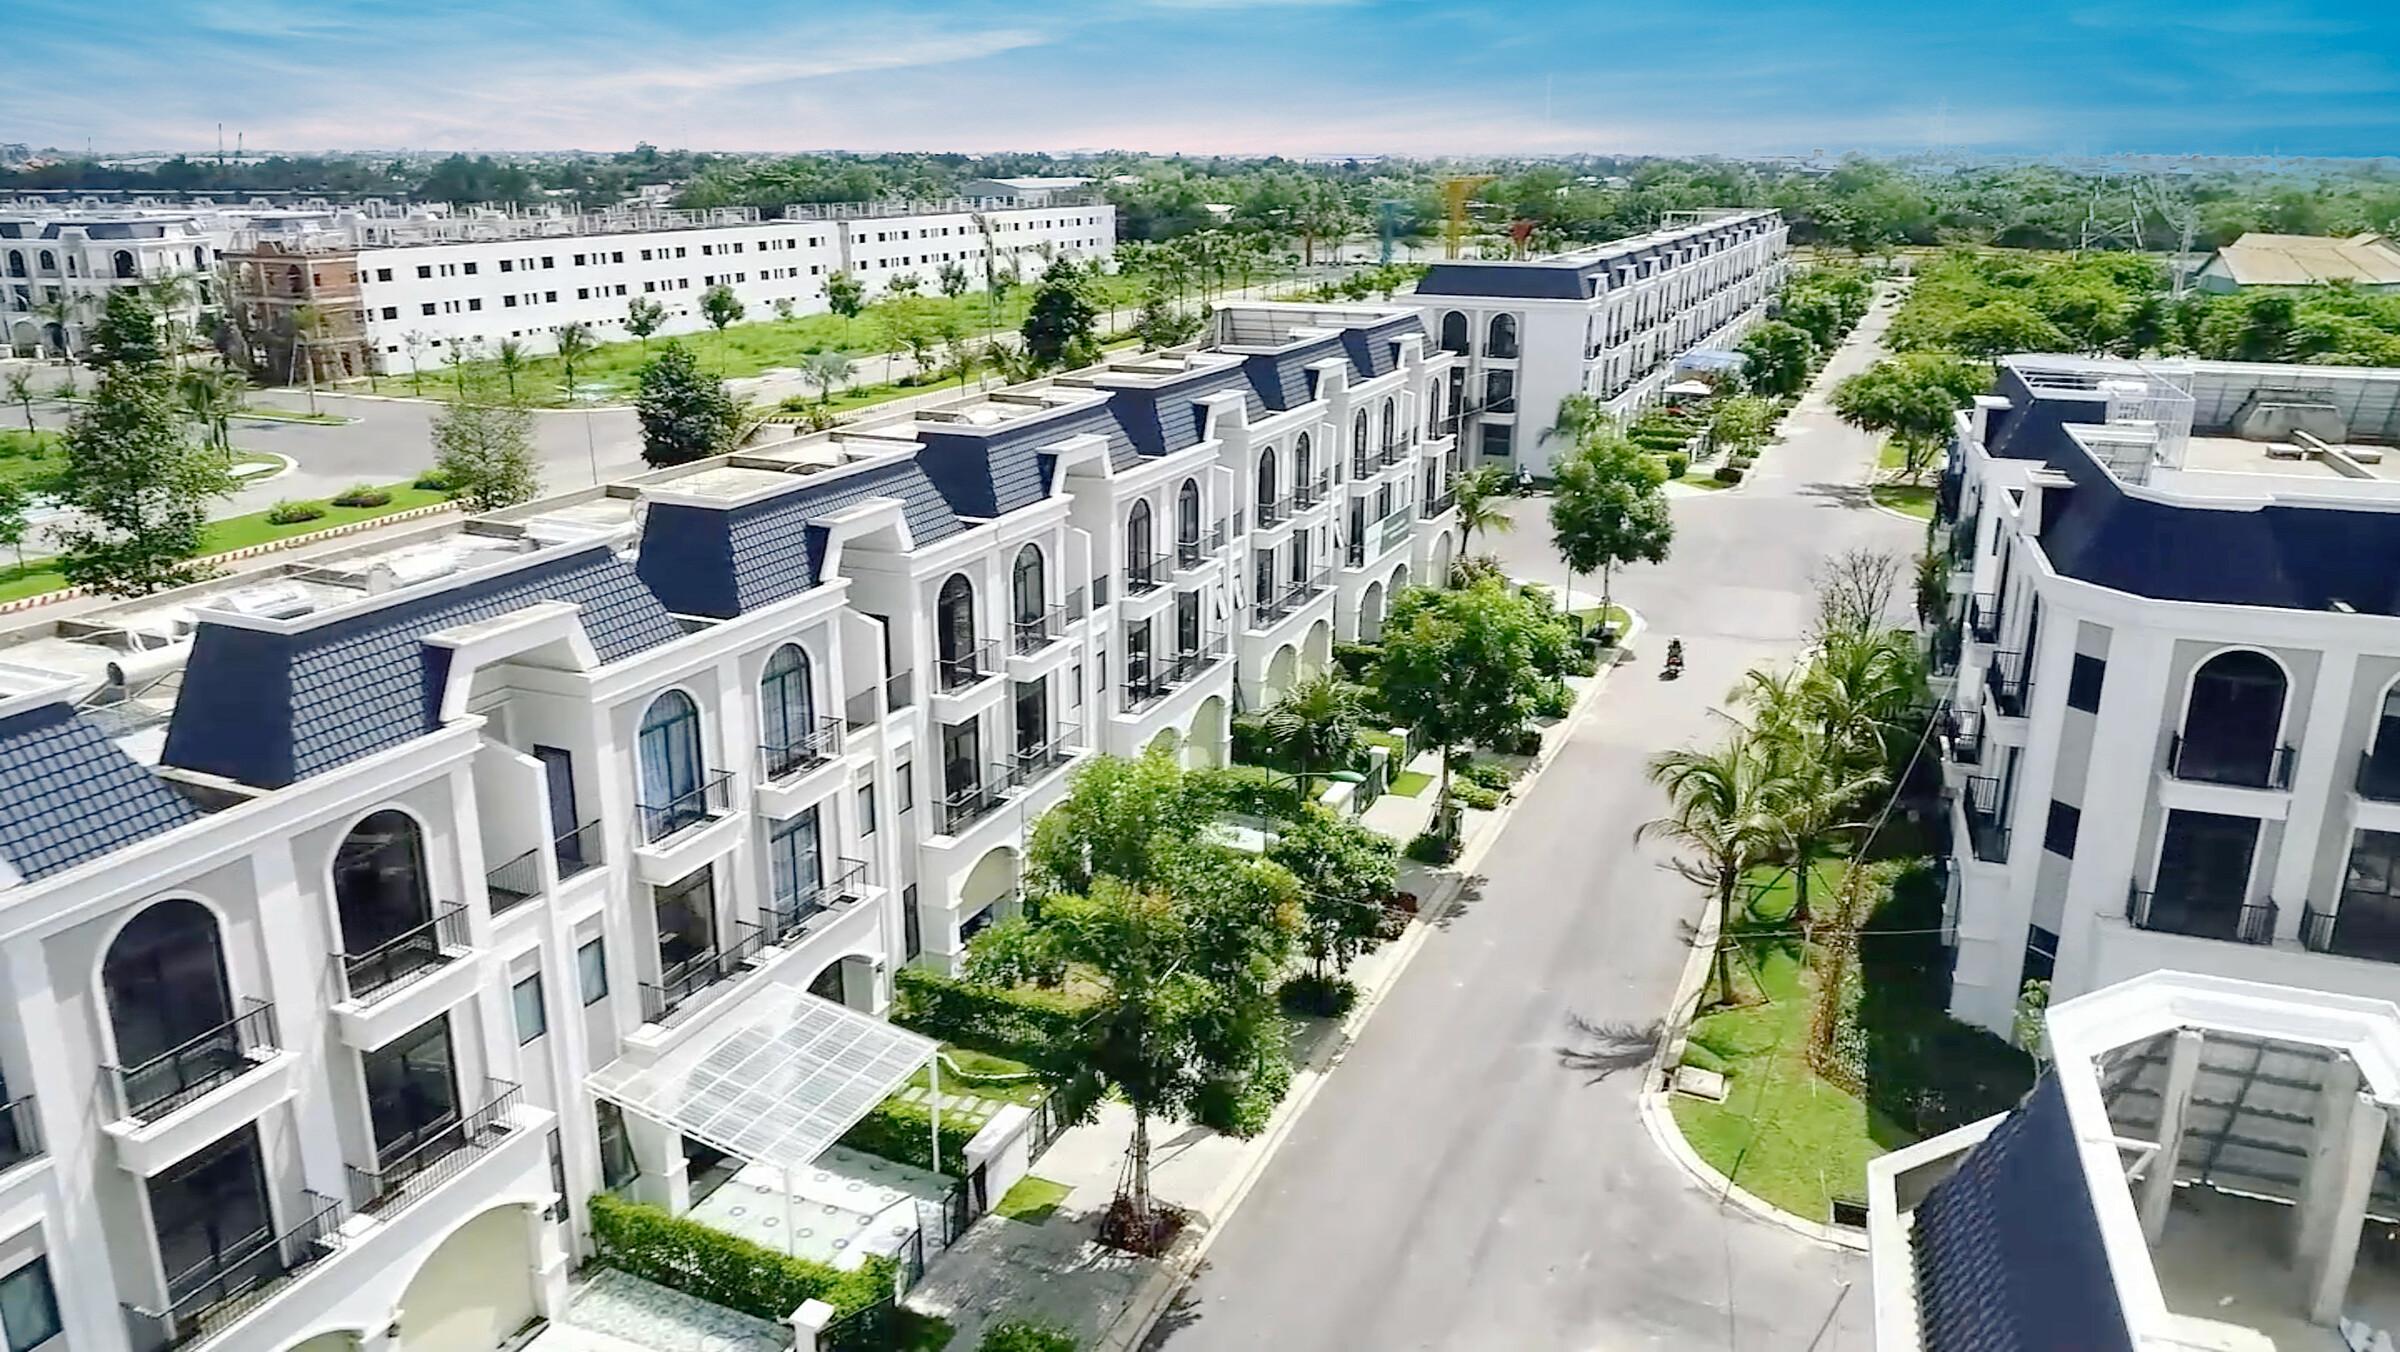 La Villa Green City - dự án được PVCombank hỗ trợ vay đến 60% trong 25 năm. Ảnh: Trần Anh Group.